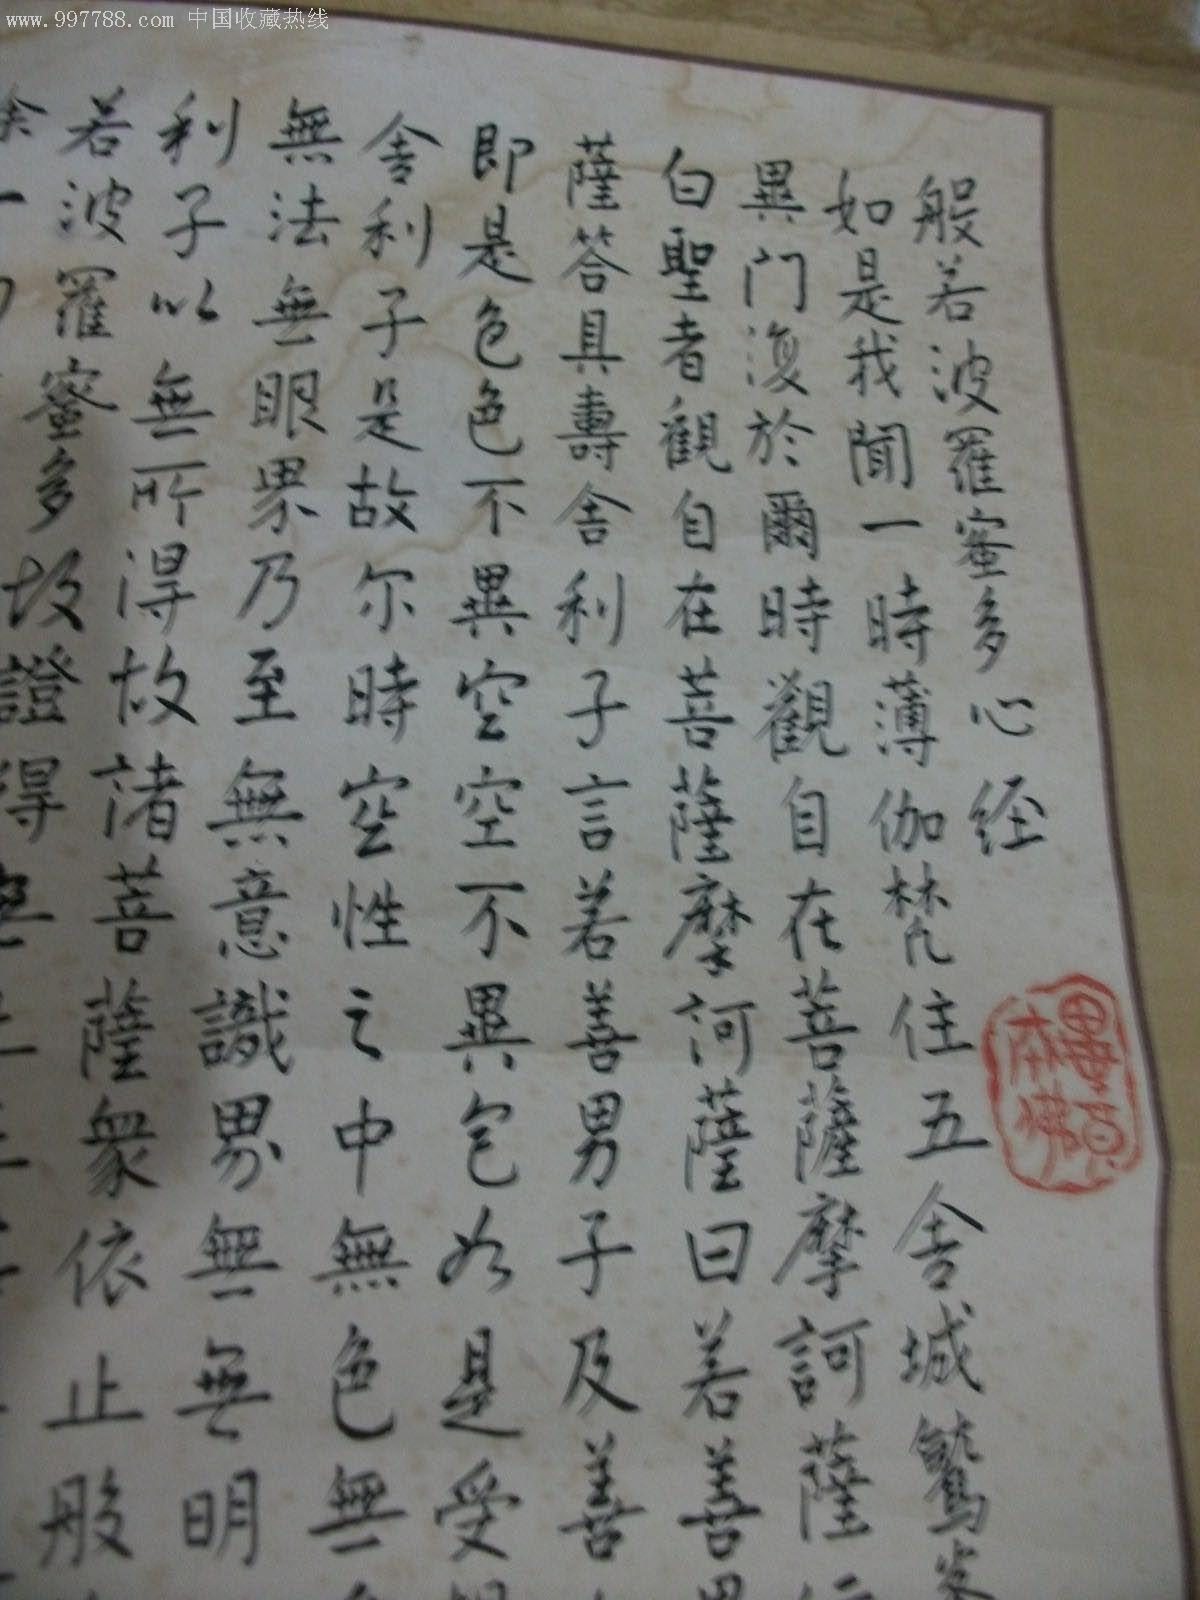 佛经书法一幅图片